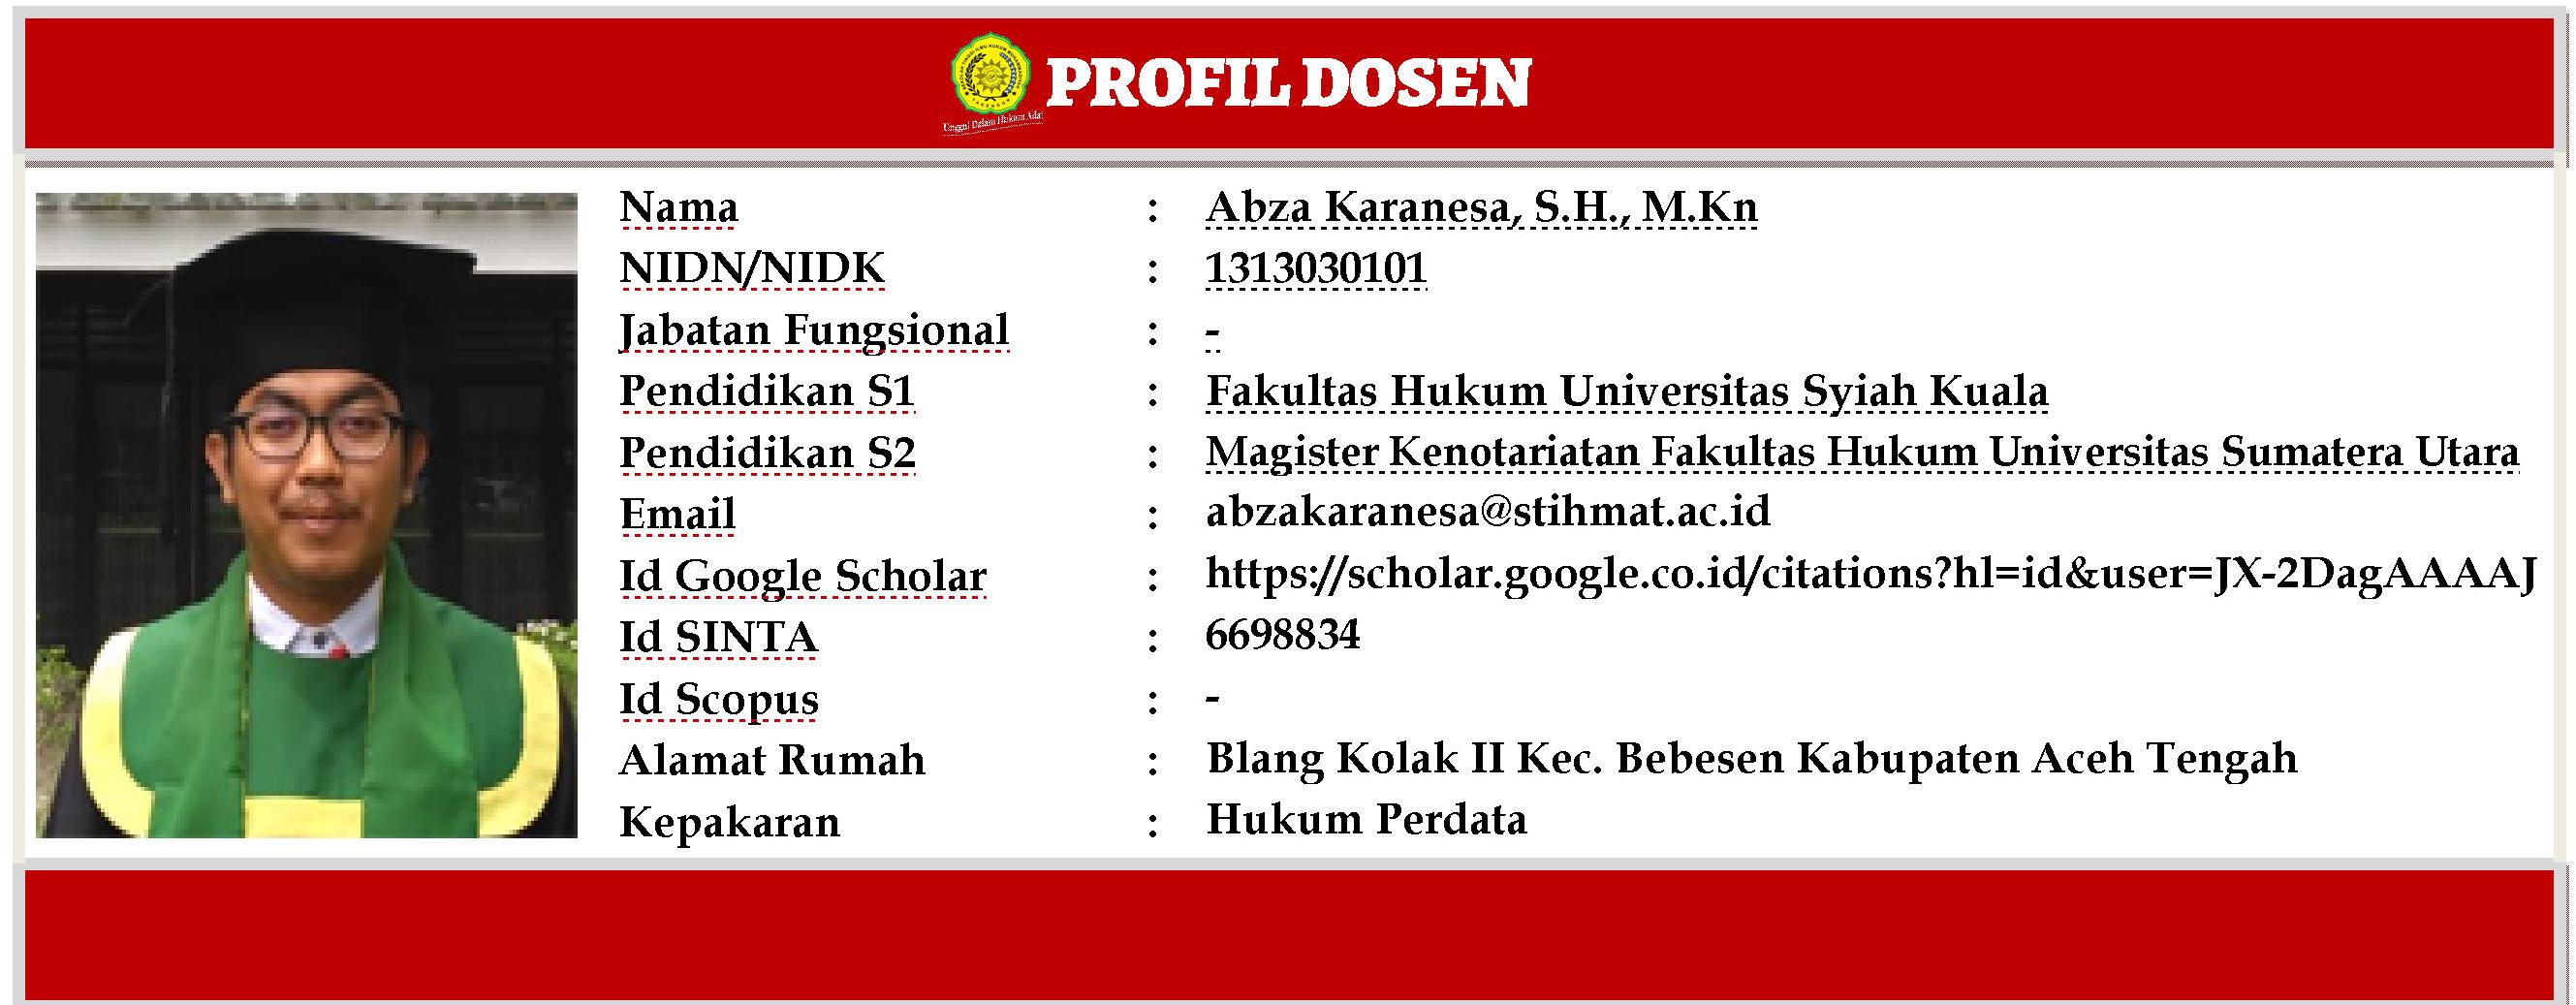 Profil Dosen Abza